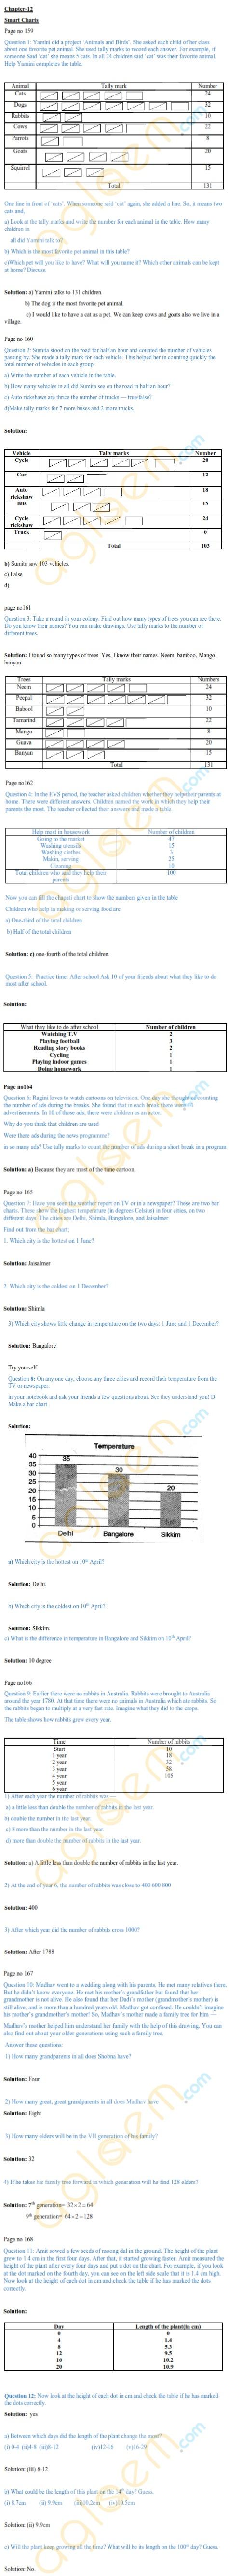 NCERT Solutions Class 5 Mathematics Chapter 12 Smart Charts